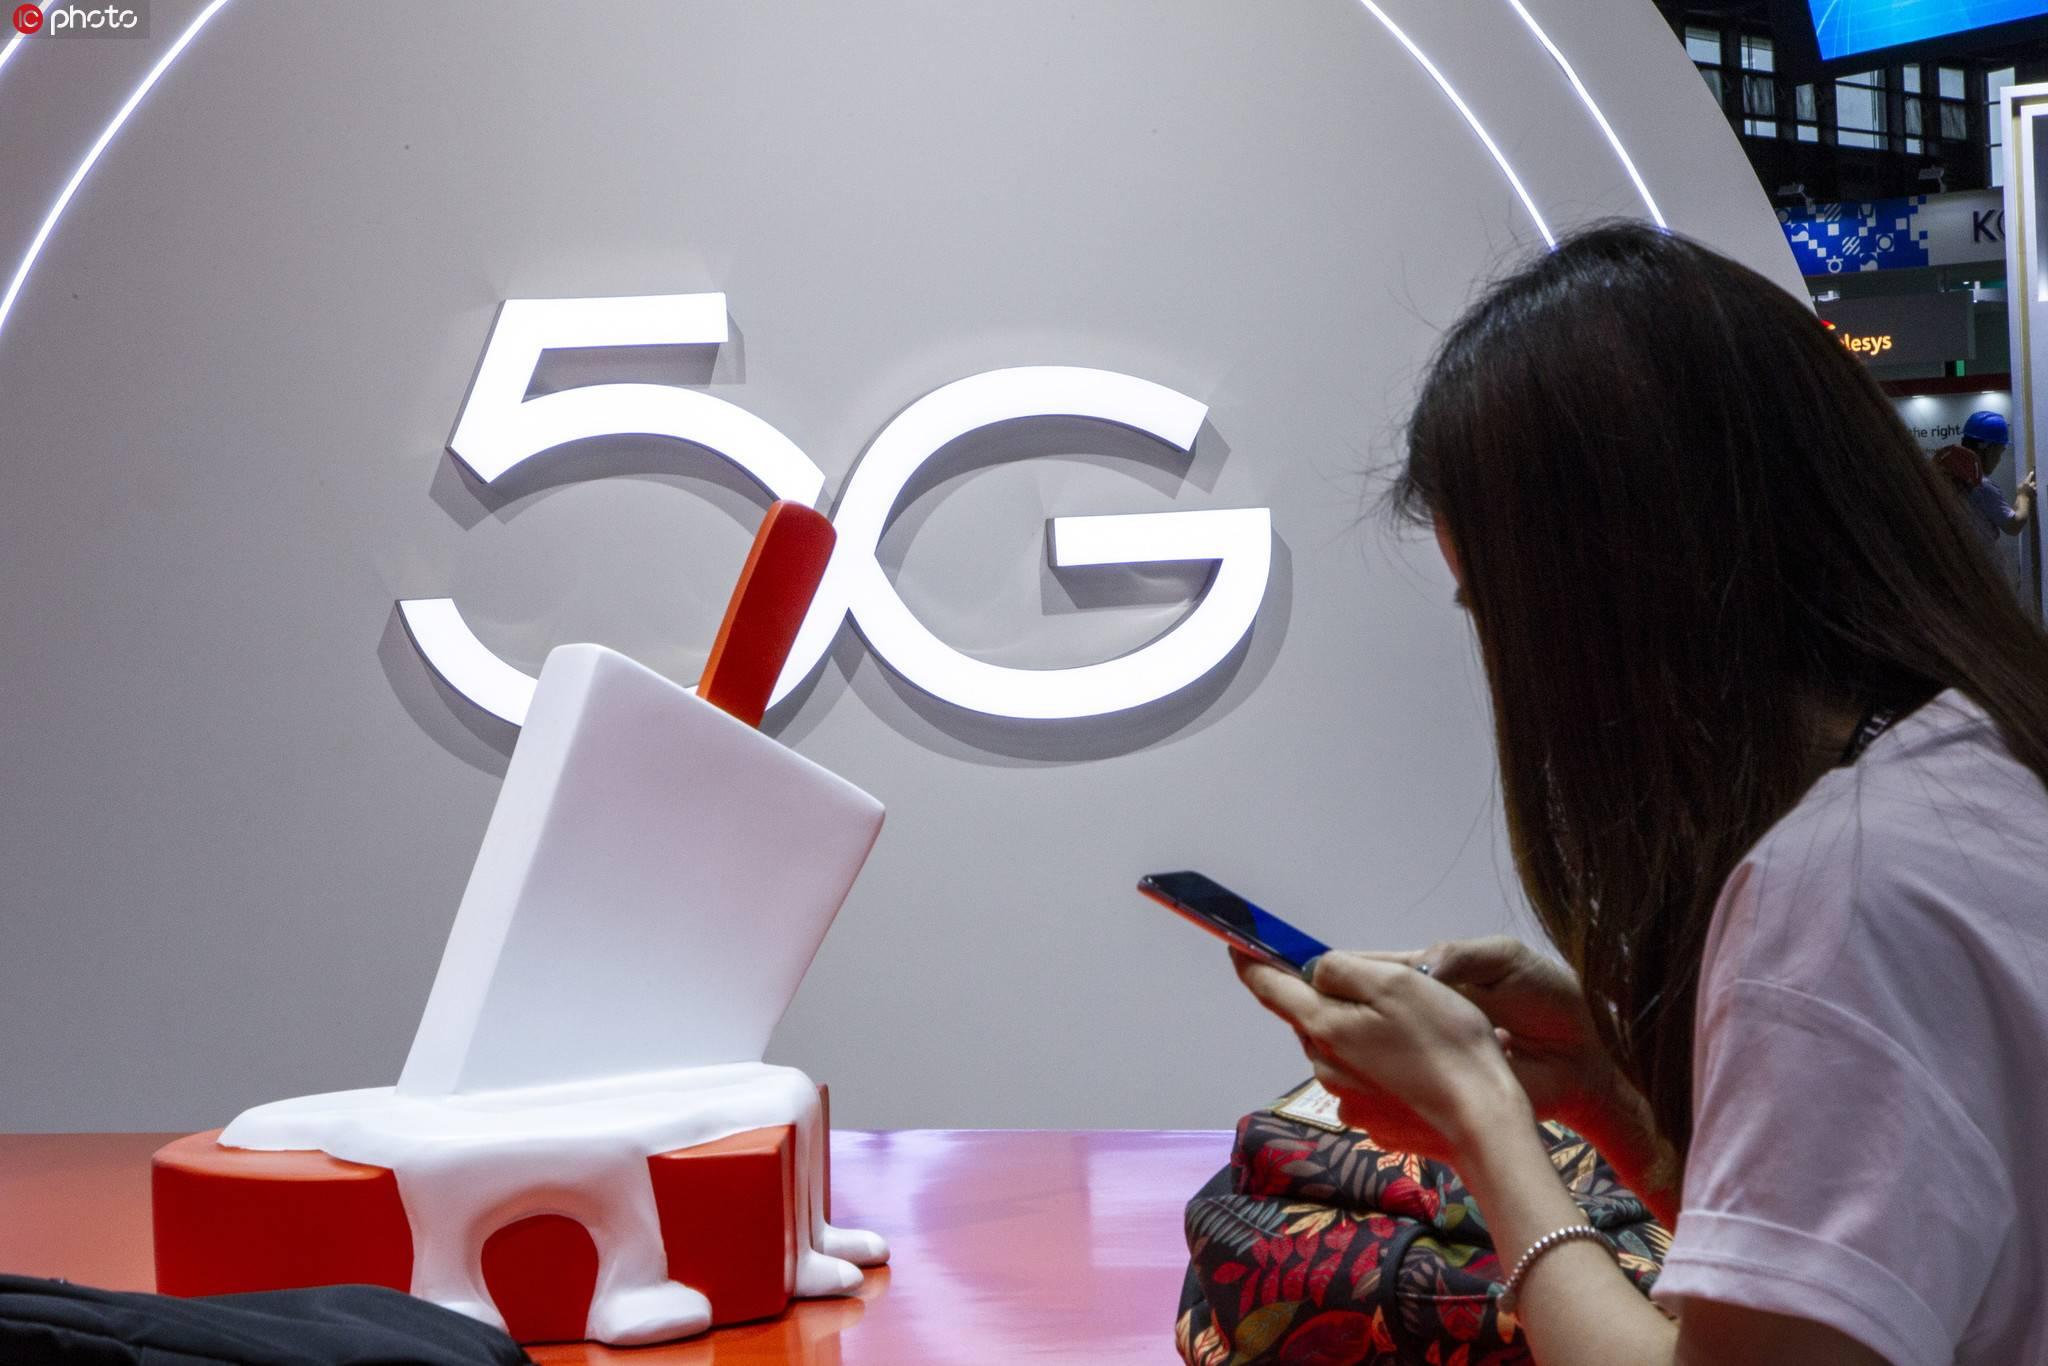 新一代移动通信技术(5G)对互联网技术和金融创新的影响